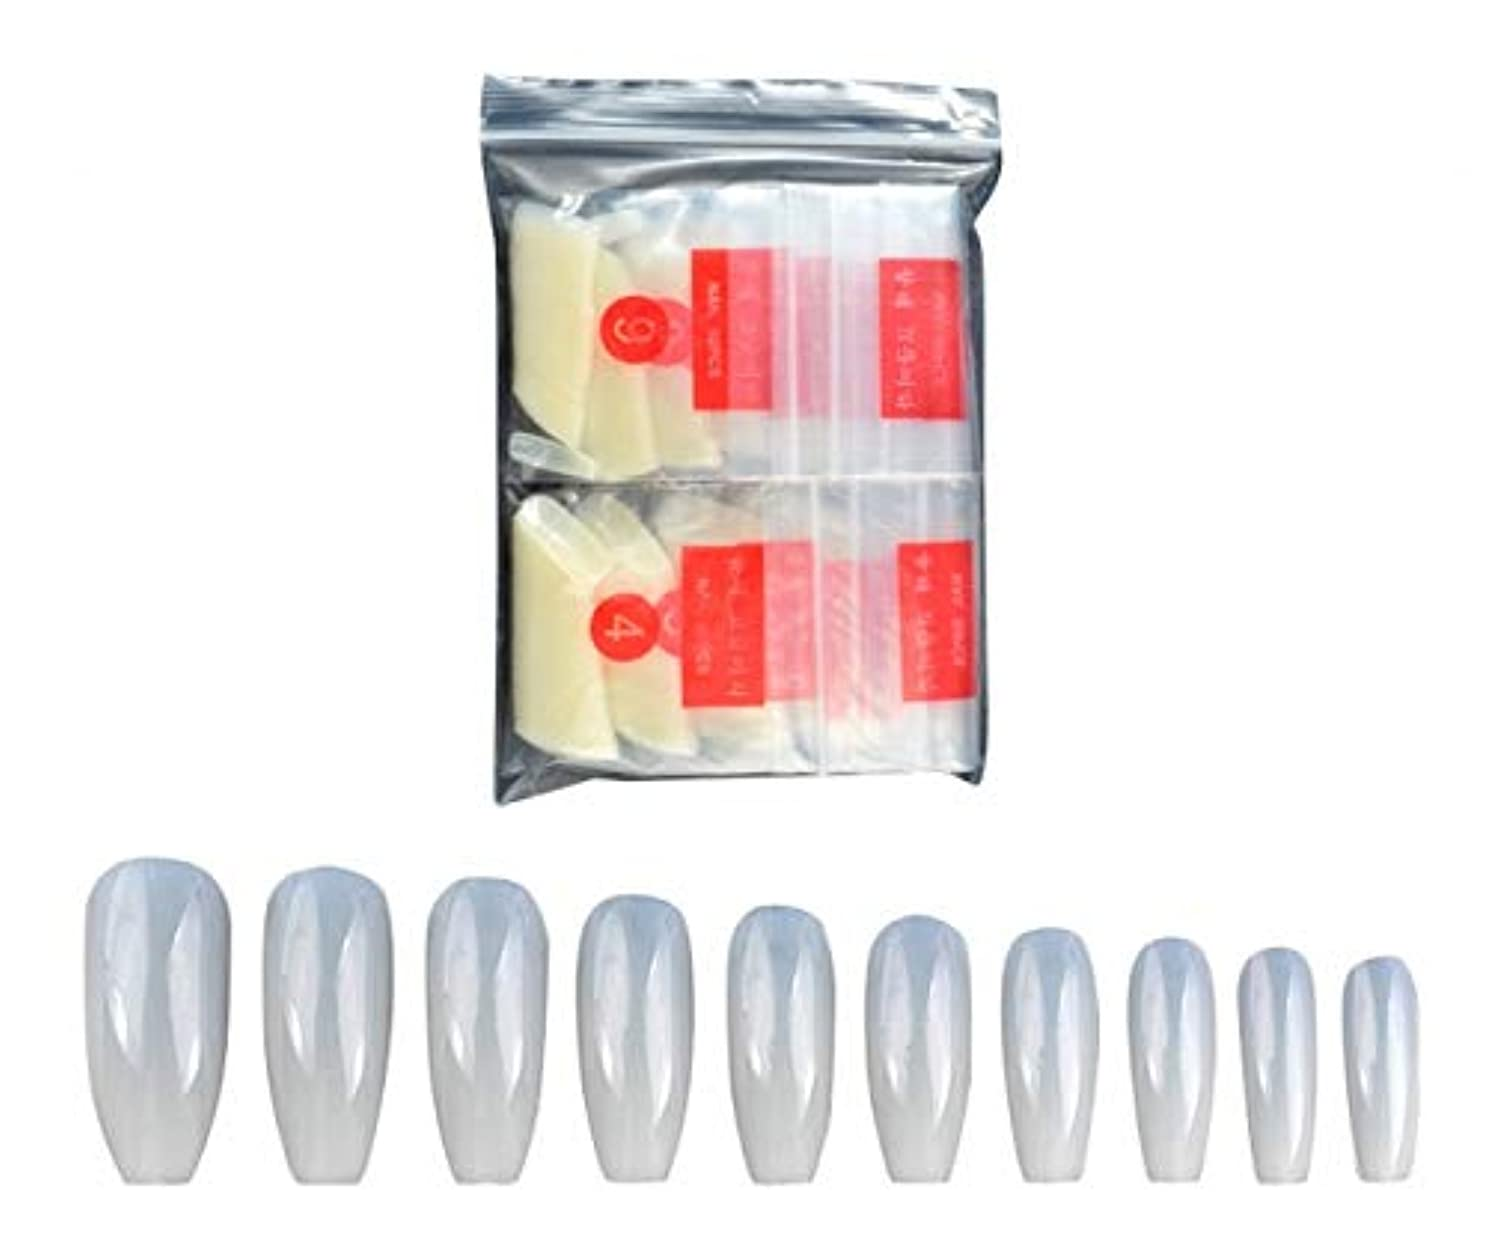 カヌー破裂確認してくださいTianmey 新しいフルカバーナチュラル偽の釘偽ネイルのヒントホームでのフェイクネイルズネイルサロンやDIYネイルアートのための10個のサイズを (Color : Natural color)